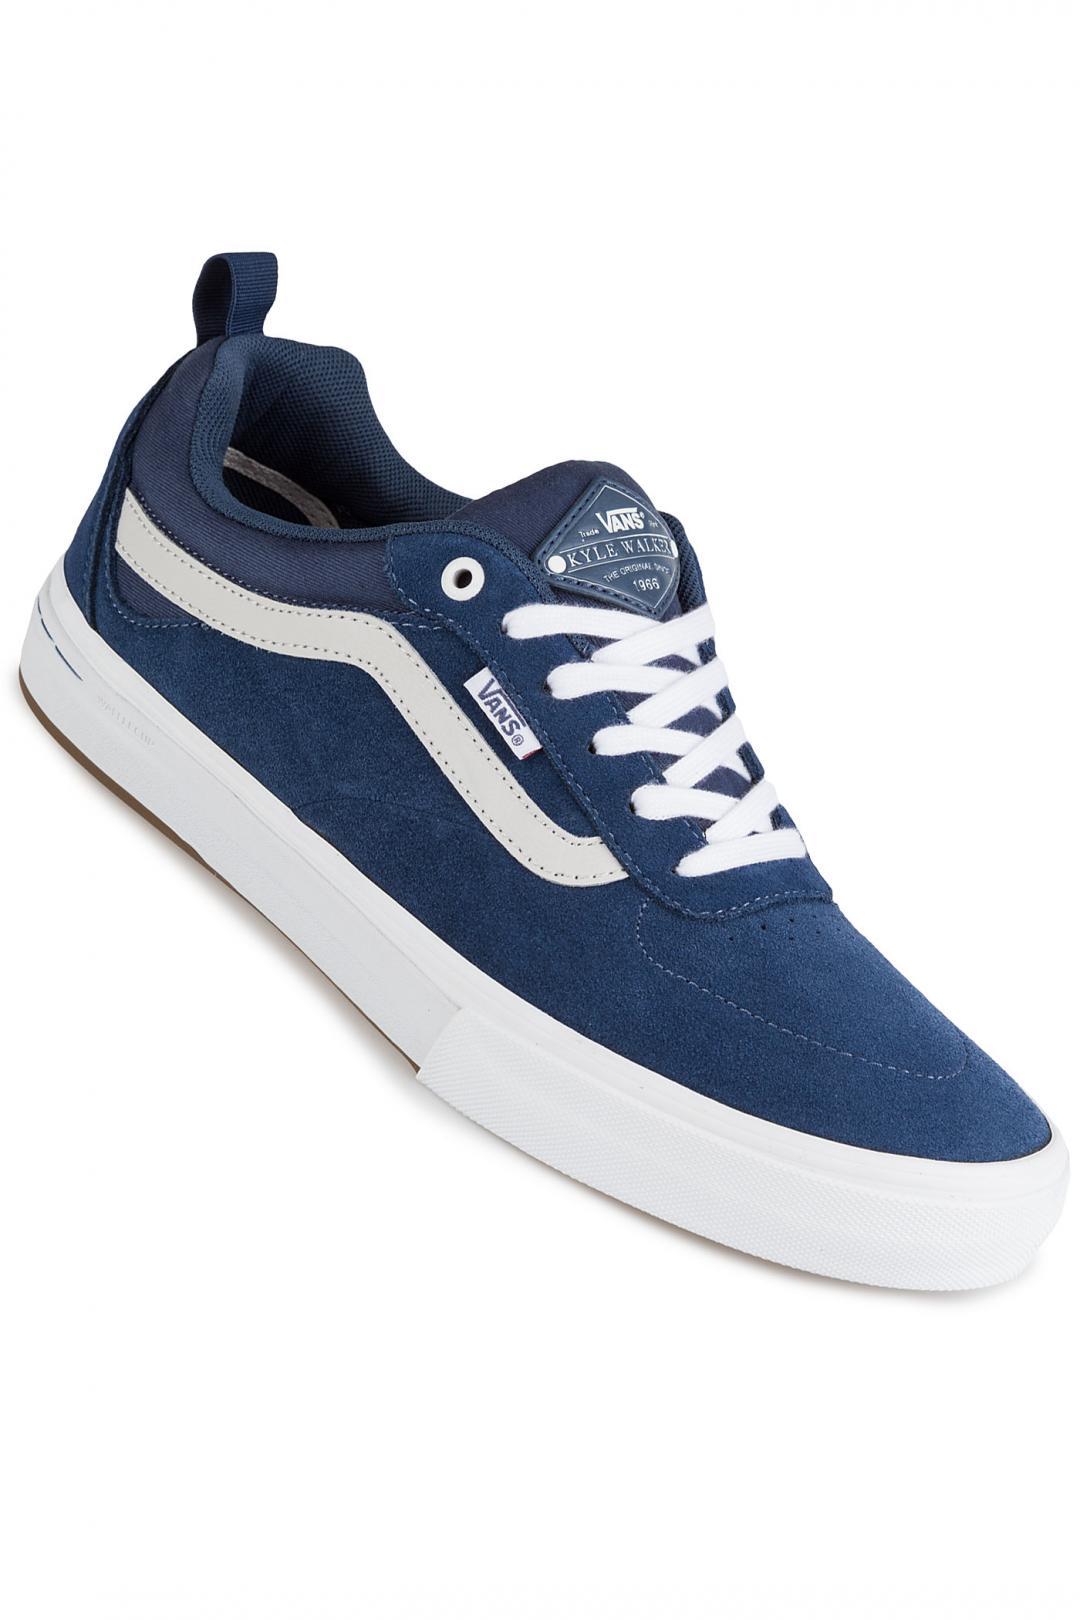 Uomo Vans Kyle Walker Pro dark denim | Sneakers low top